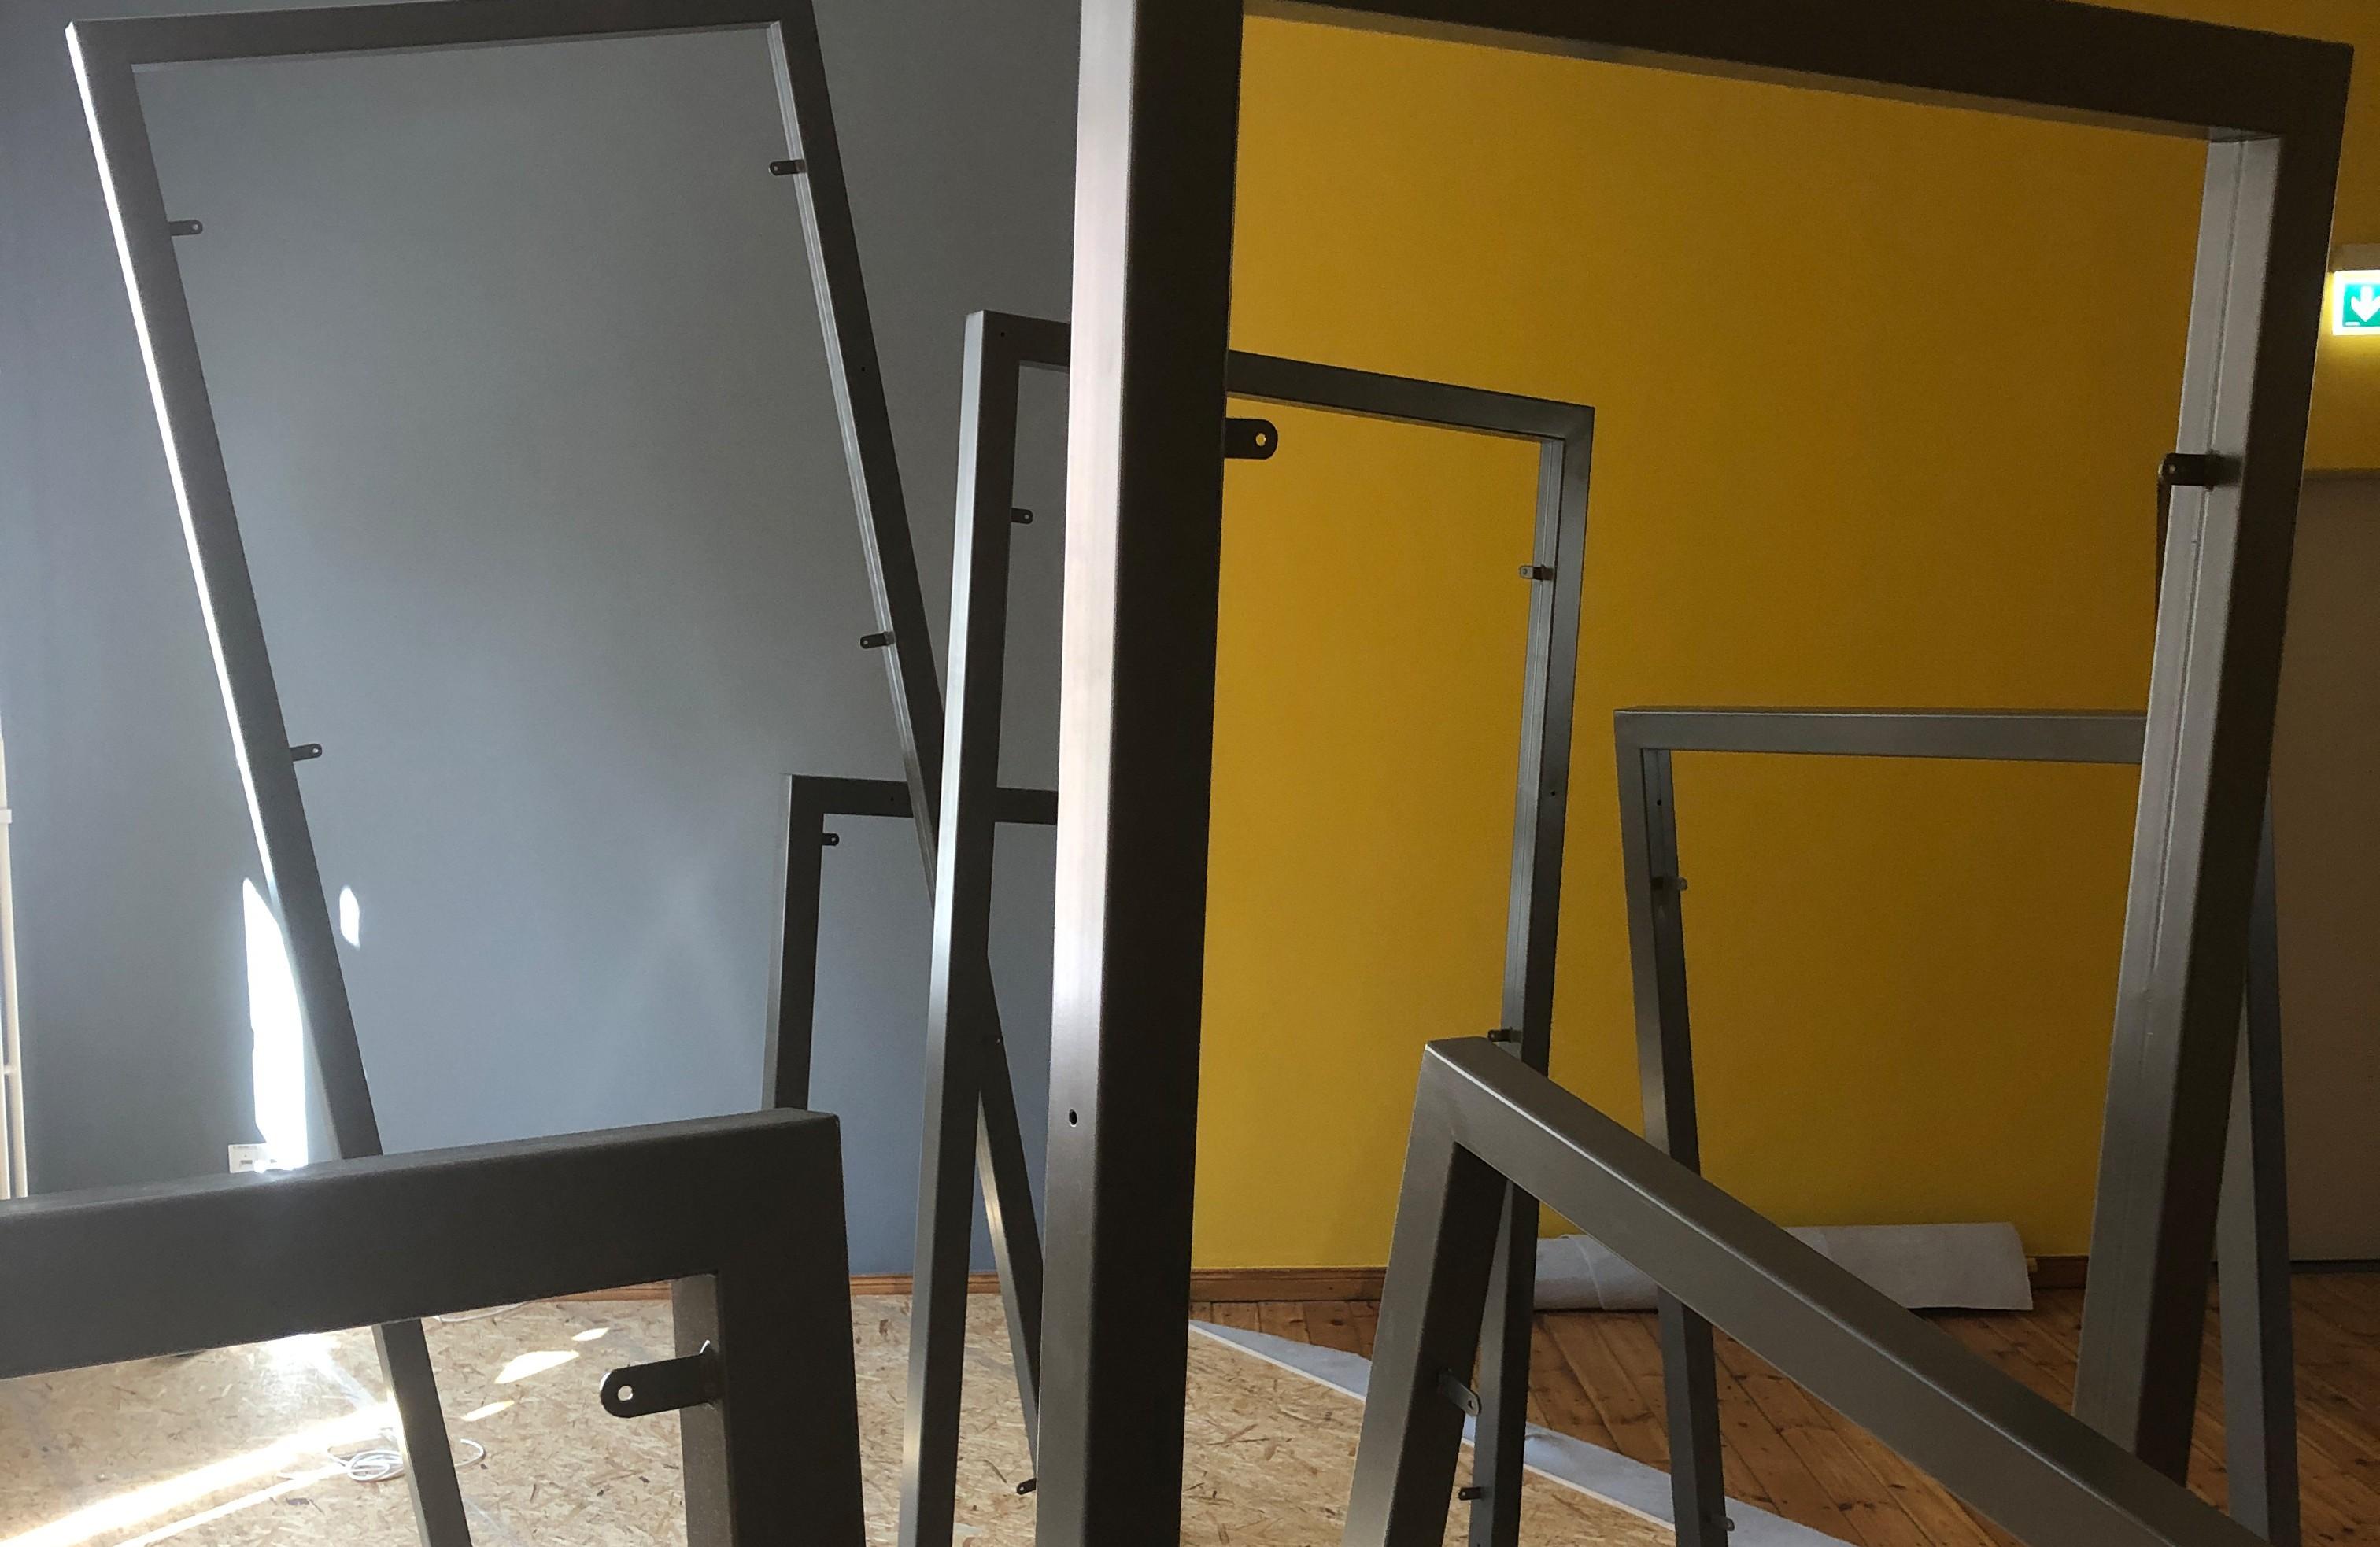 Ausstellungsaufbau im Themenraum »Recht auf Stadt«